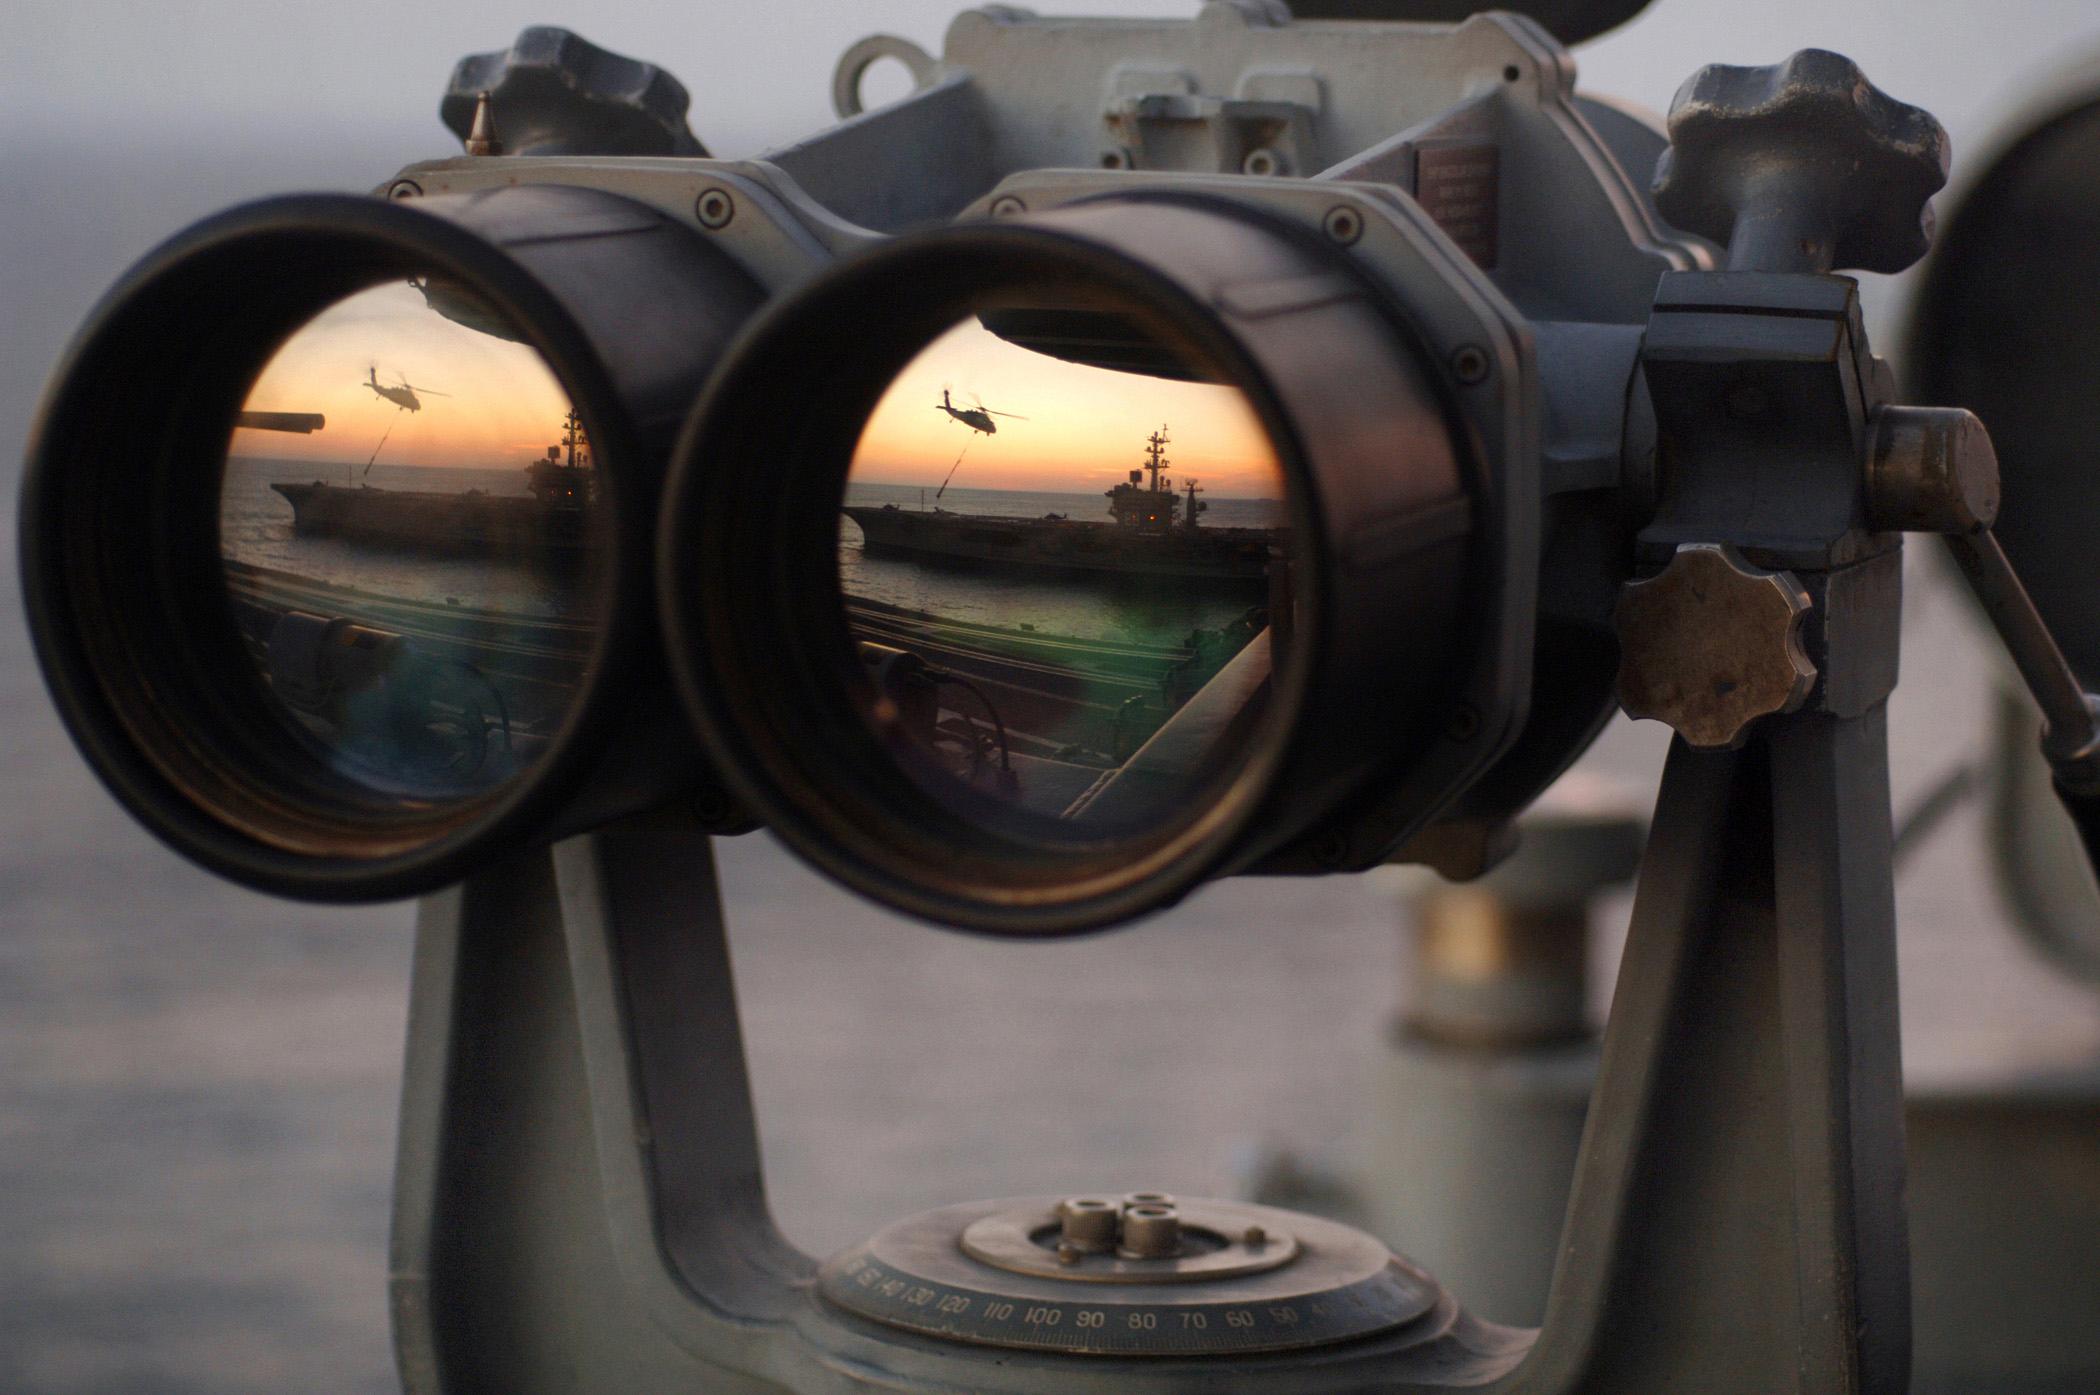 Best Rangefinder Binoculars 2017 – The Ultimate Guide